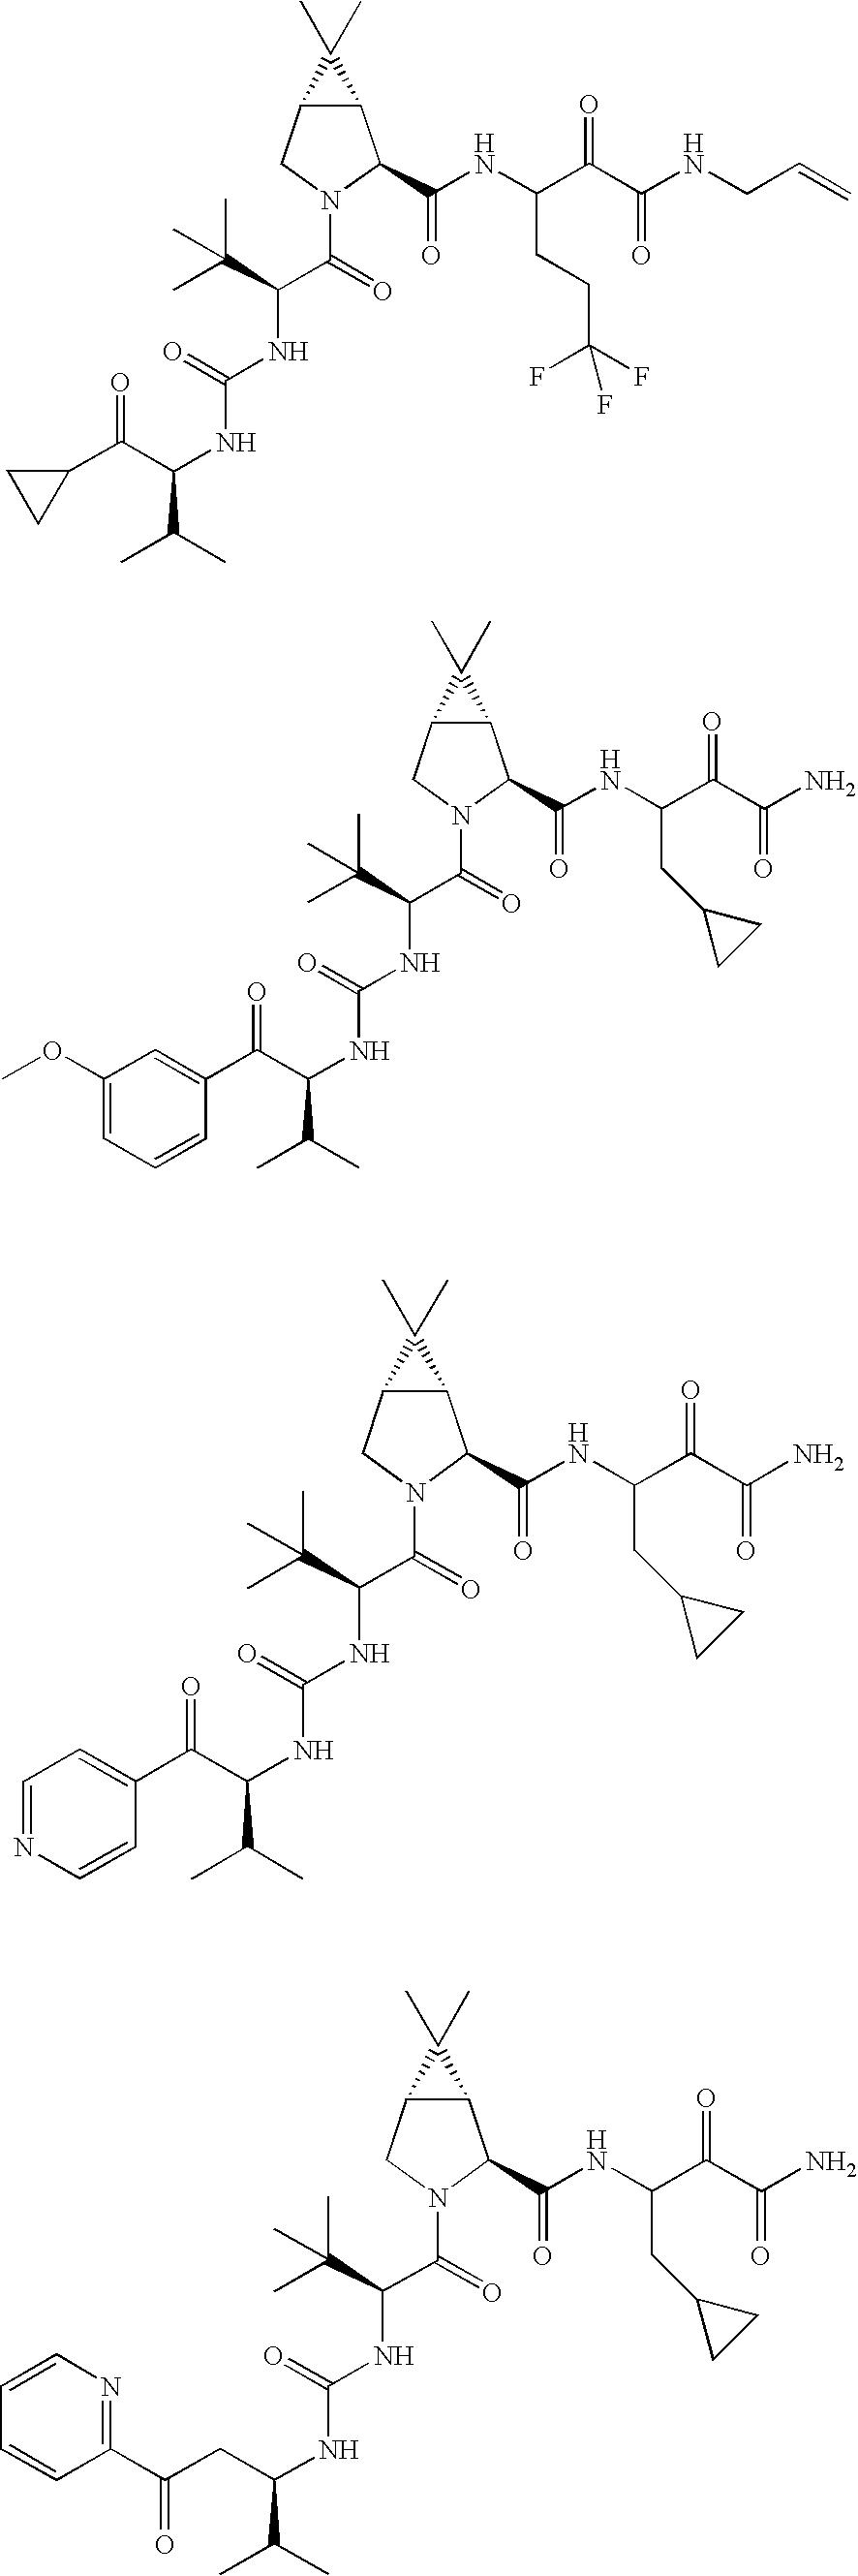 Figure US20060287248A1-20061221-C00230